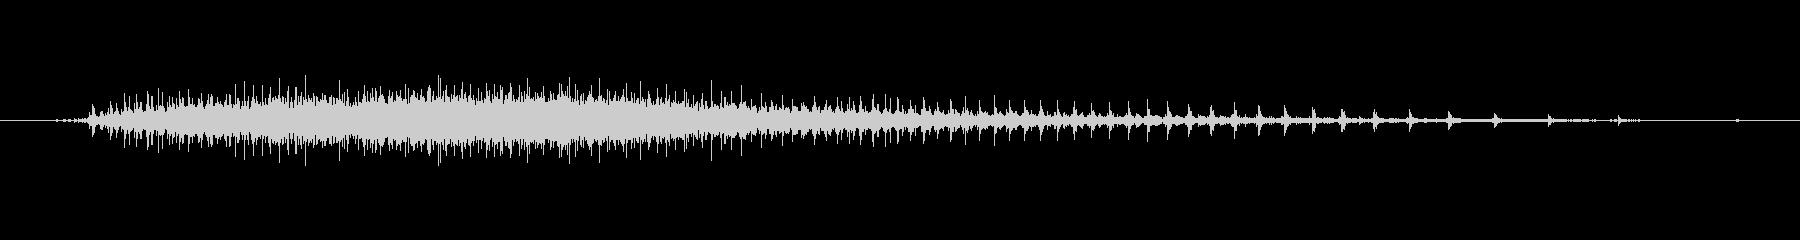 工業 ロックドリルチゼルバーストシ...の未再生の波形